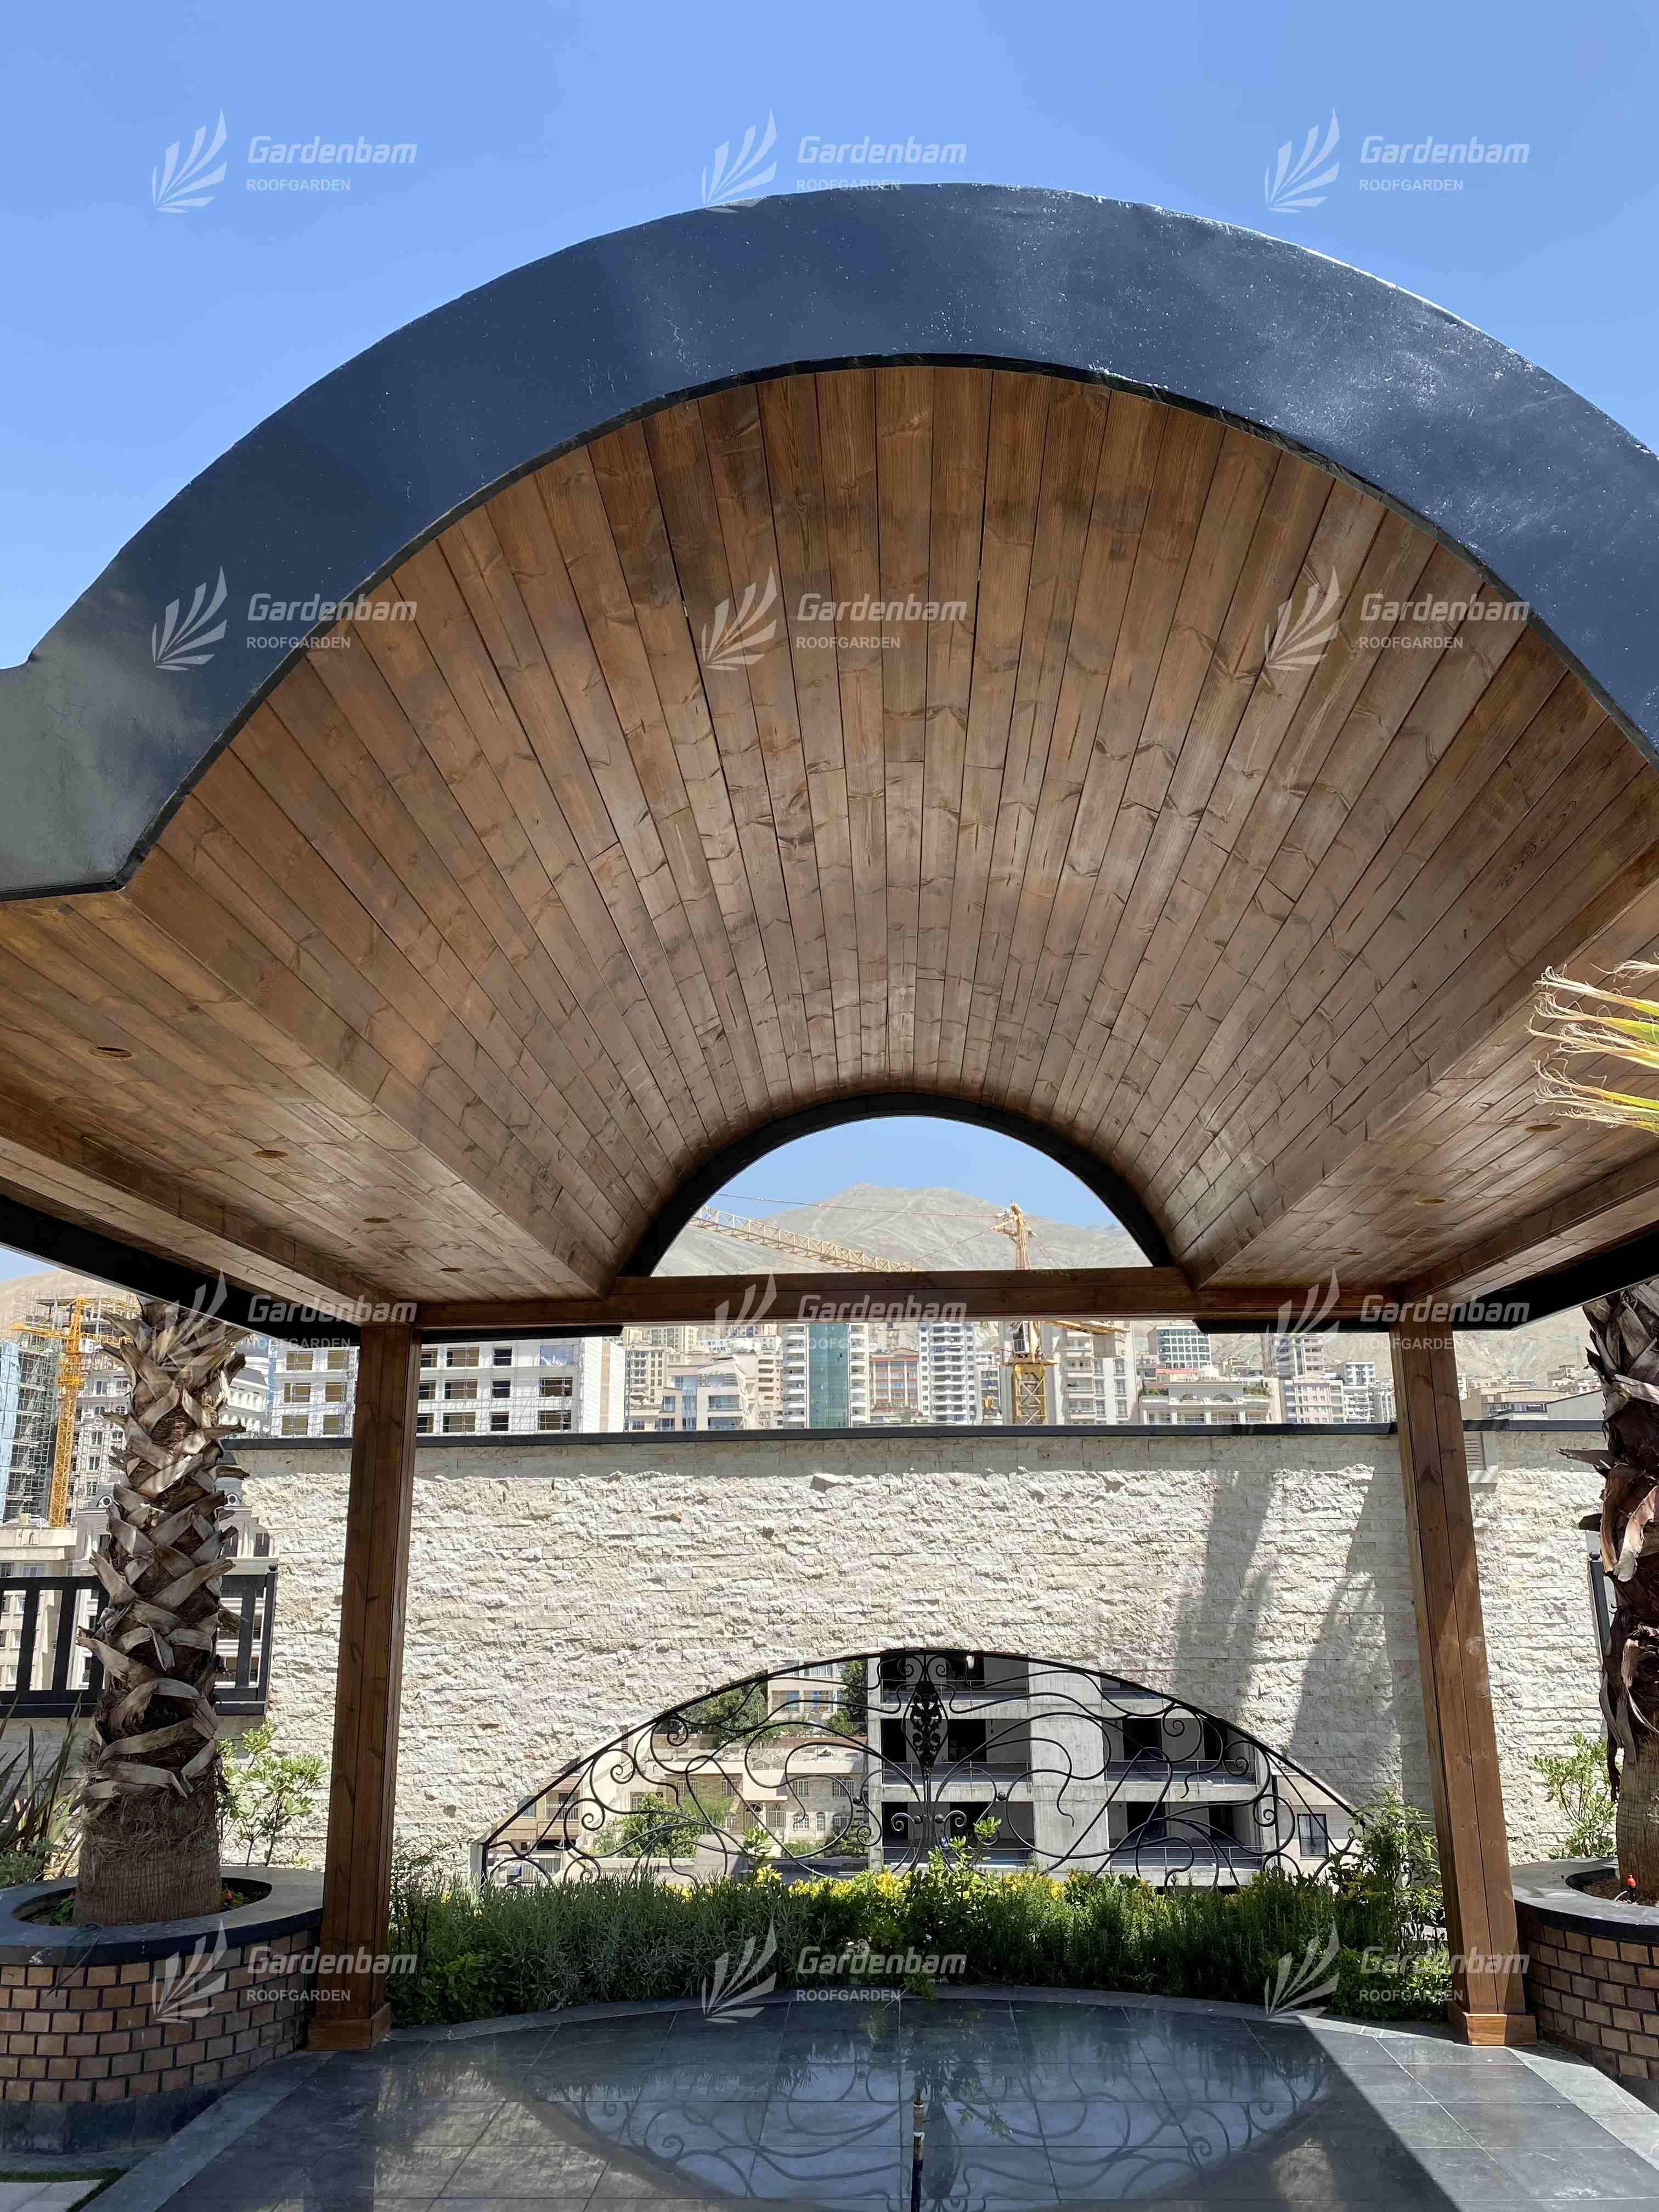 پروژه بام سبز شرکت گاردن بام-سعادت اباد